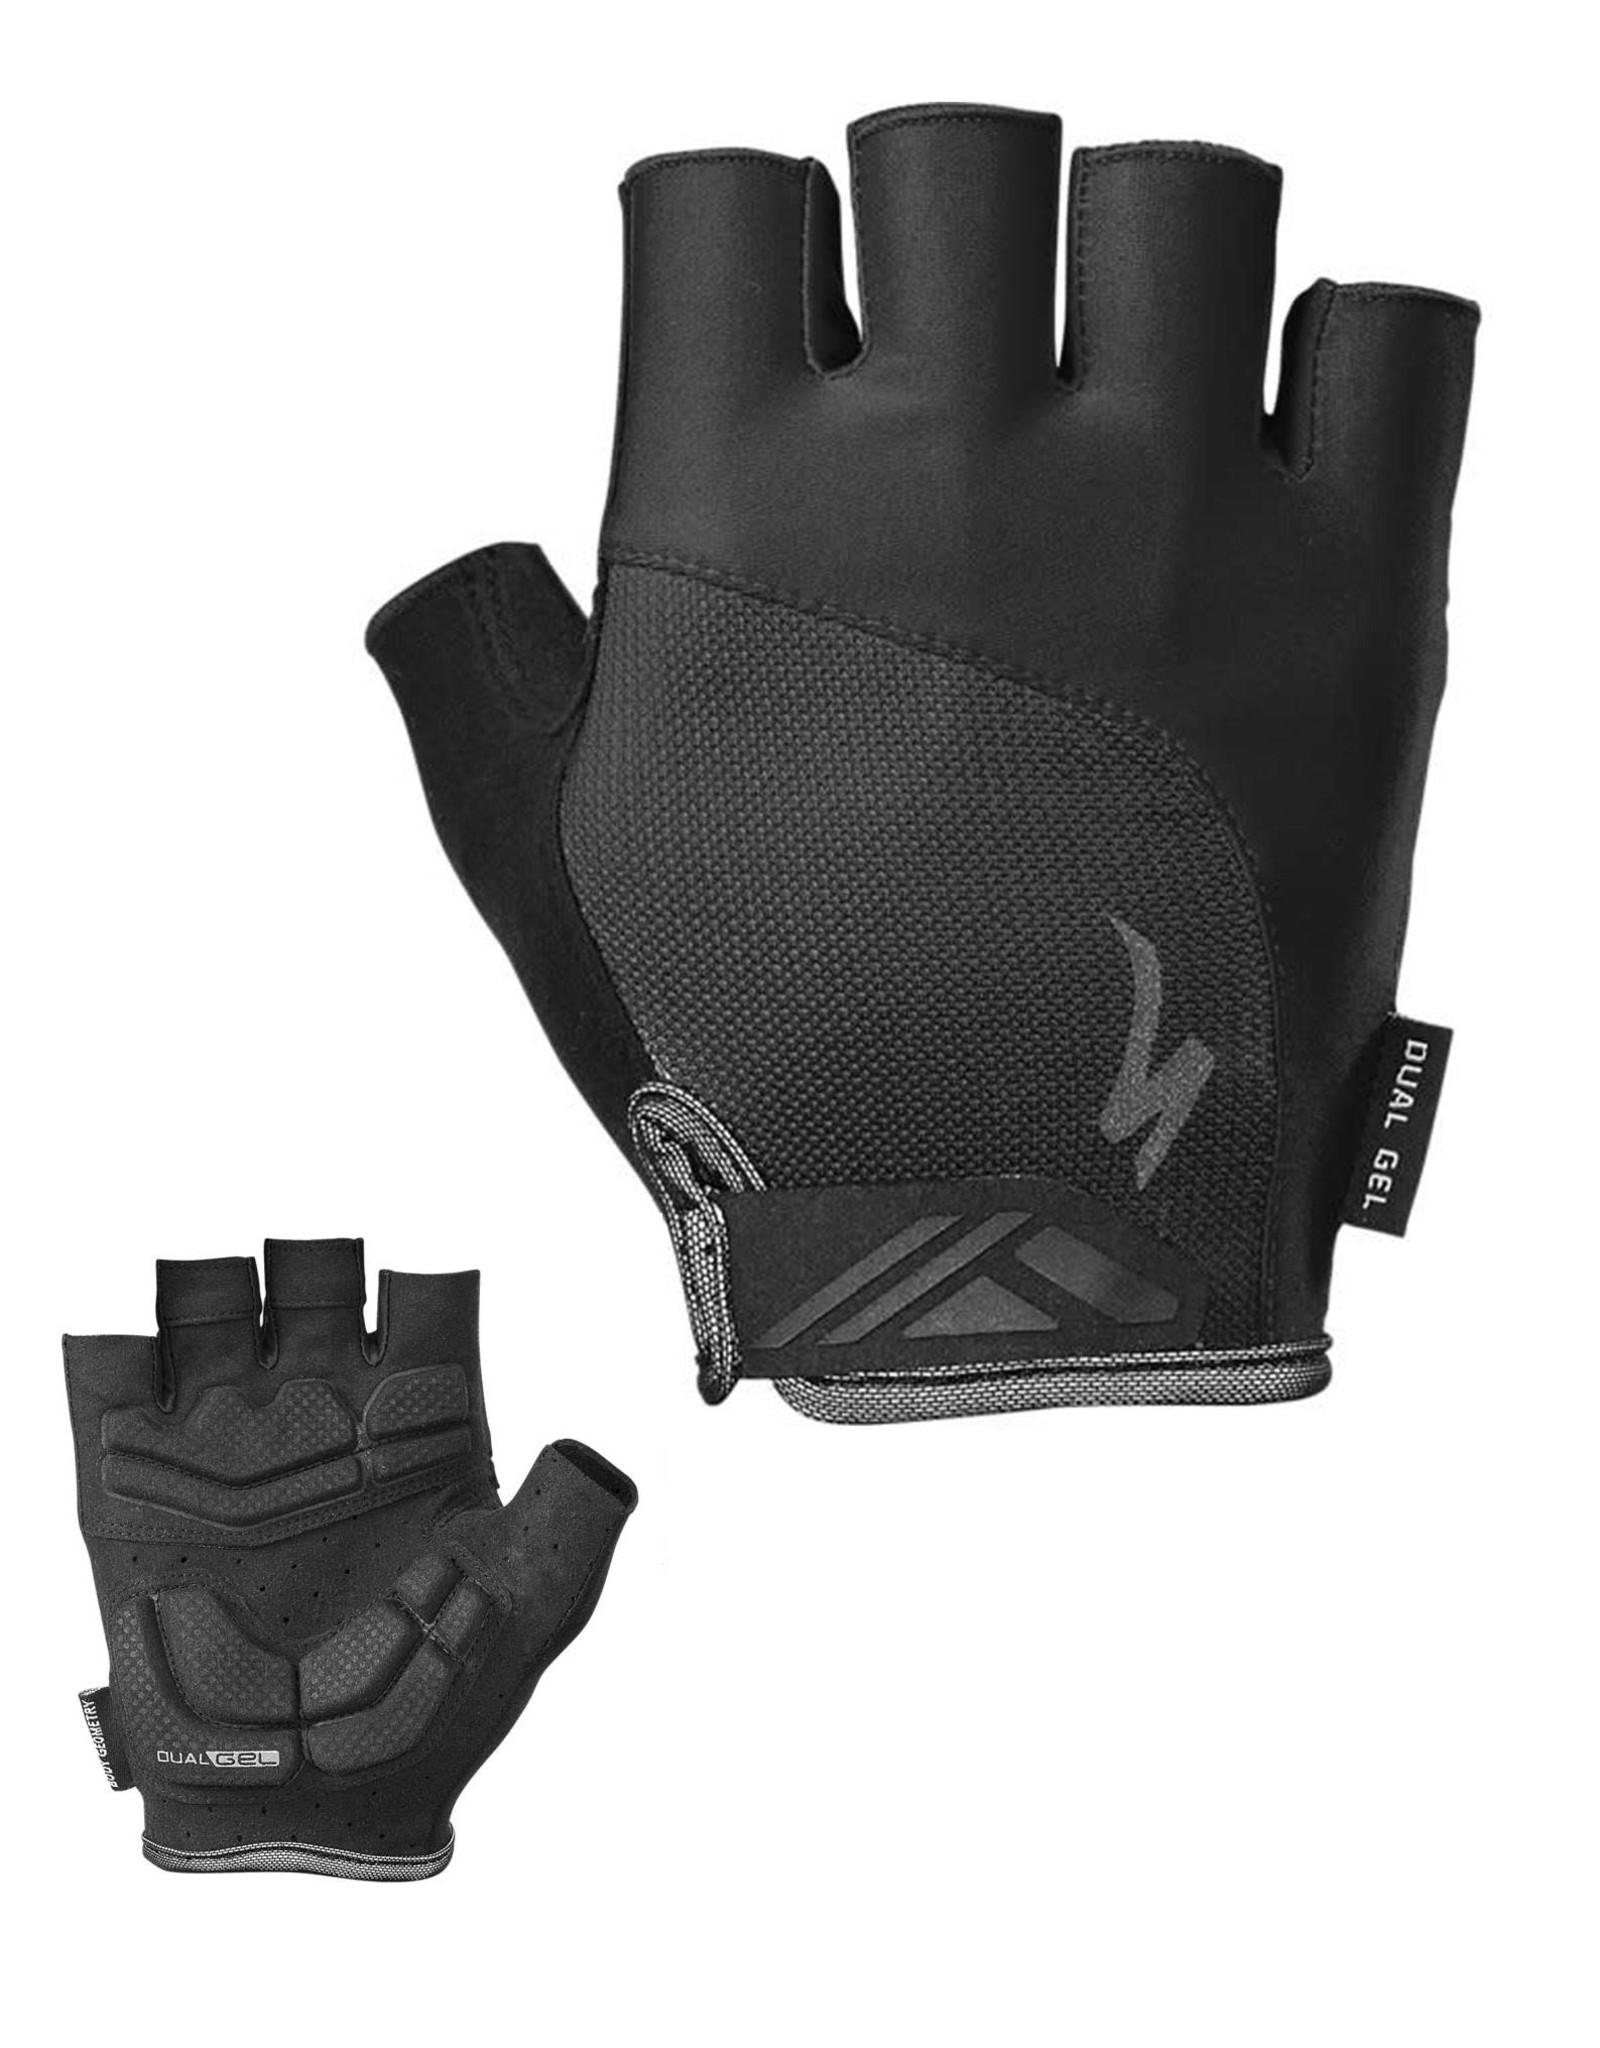 SPECIALIZED Specialized Body Geometry Dual-Gel Glove Black